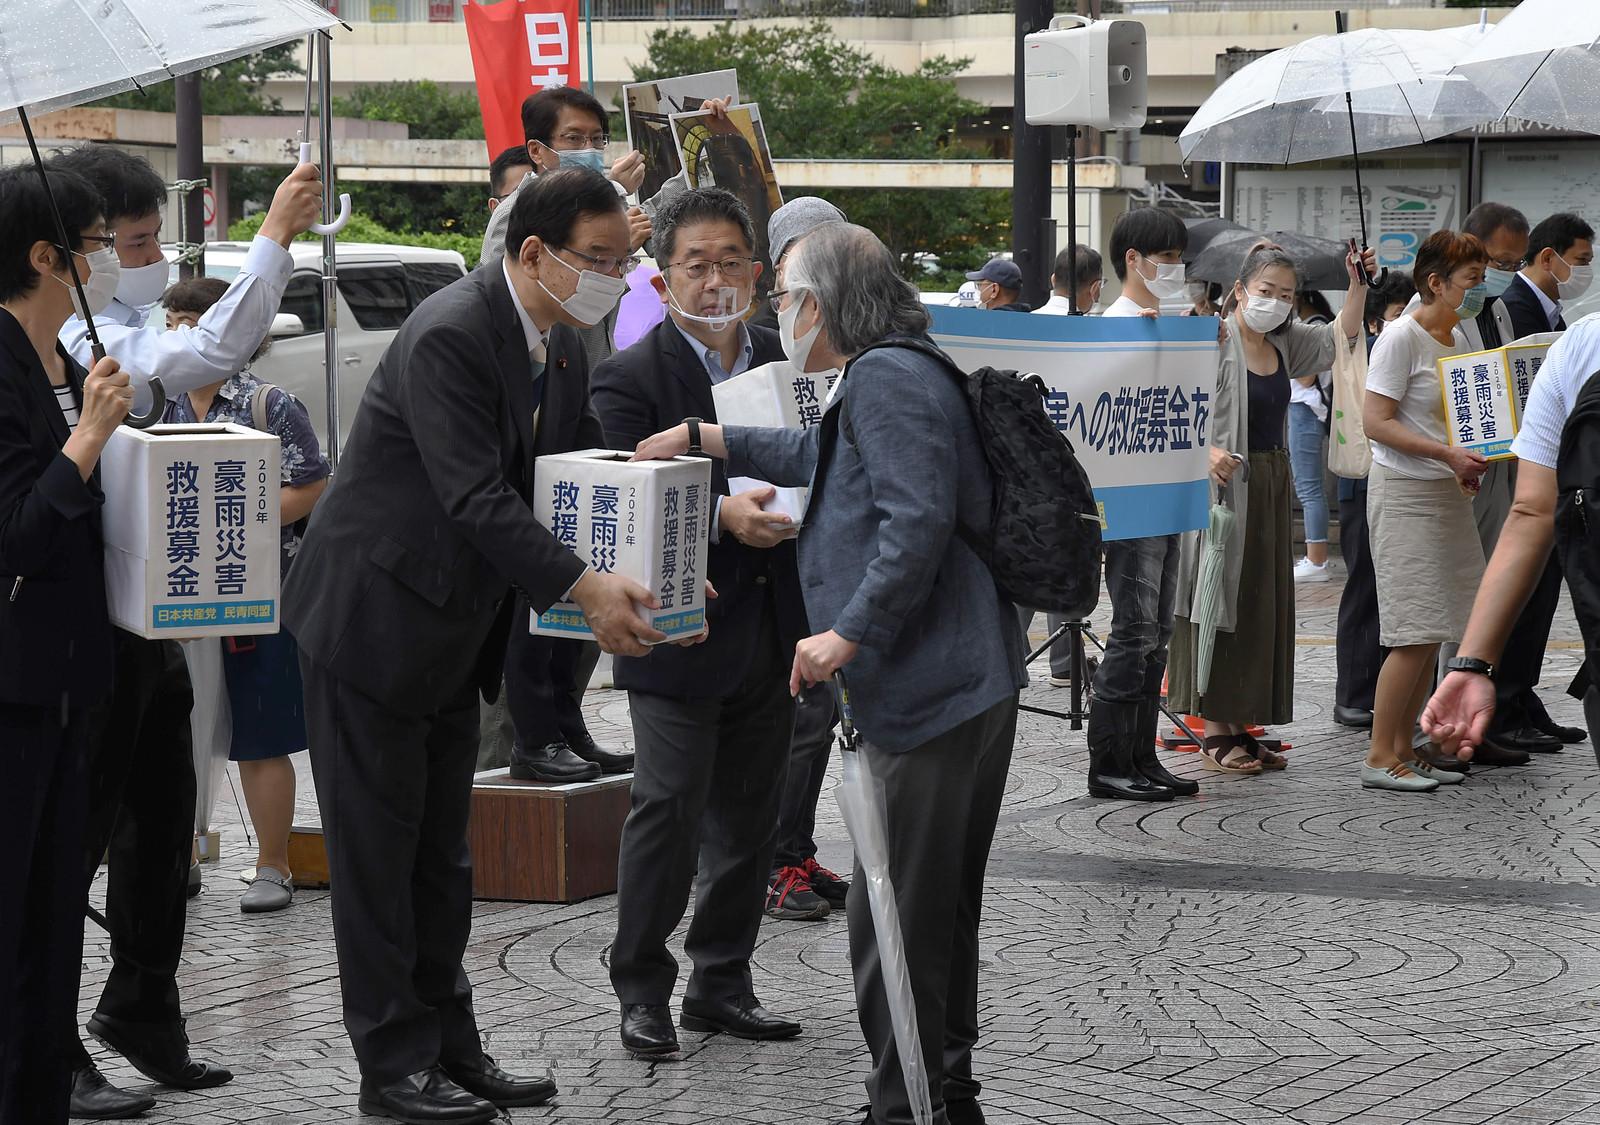 豪雨災害救援募金への協力を訴える志位委員長ら党議員団と民青の人たち